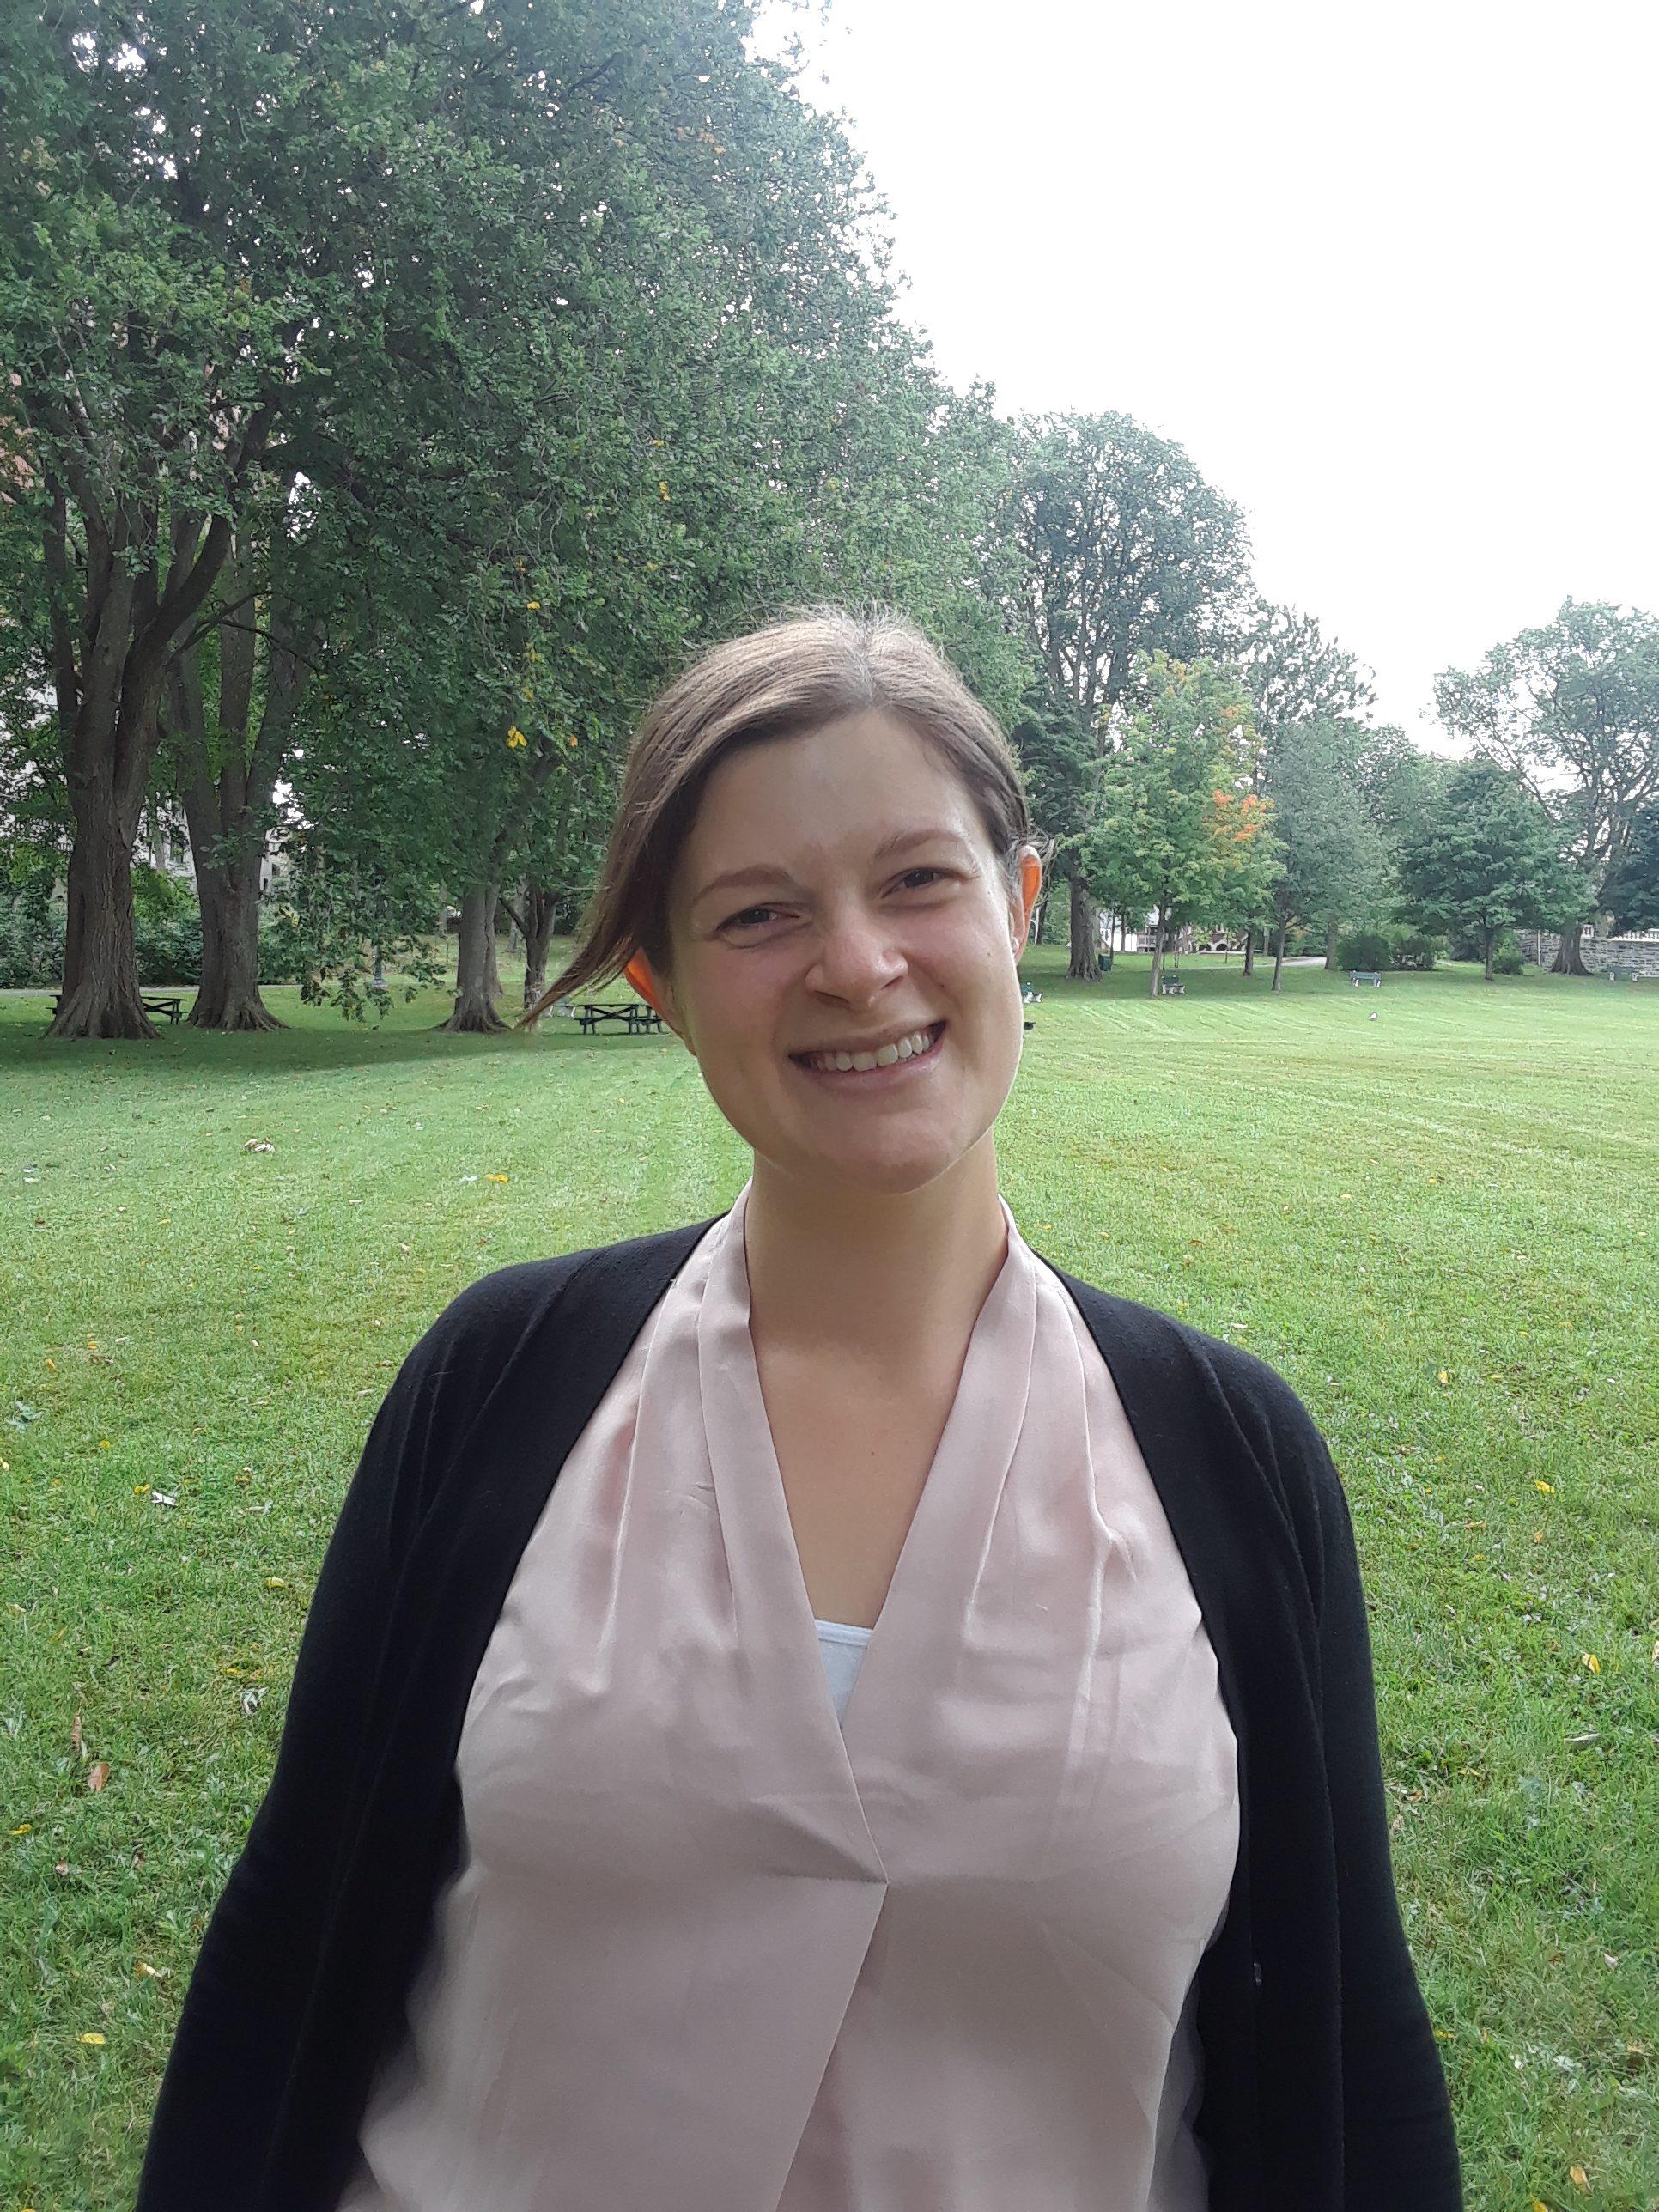 Leslie-Anne Boily